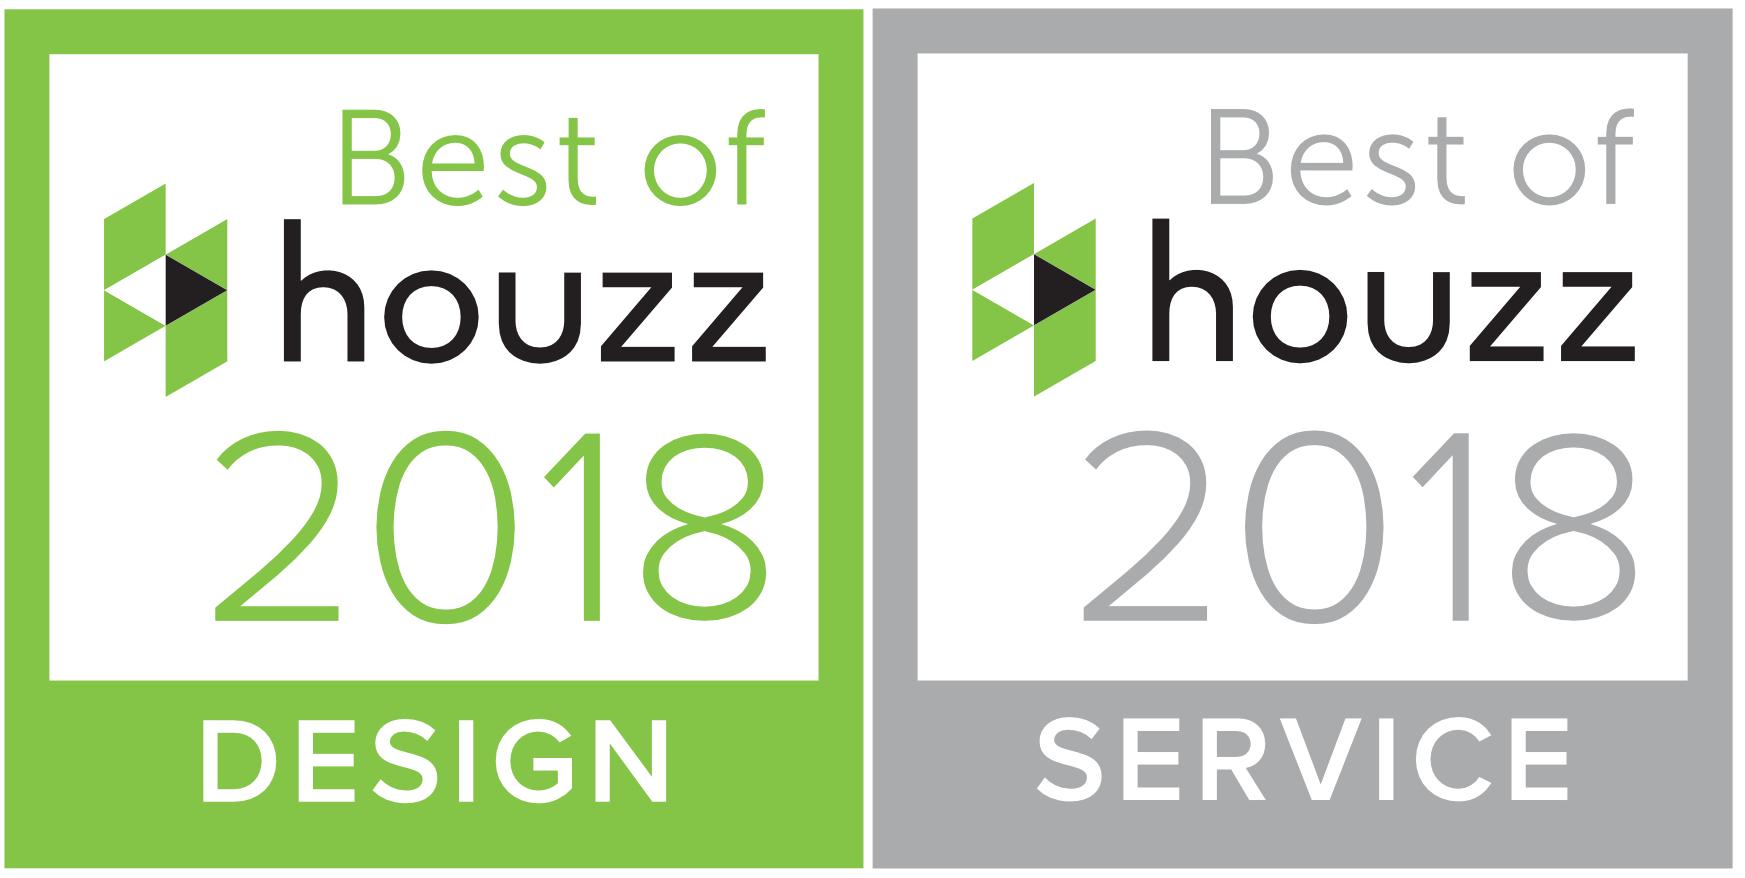 best-of-houzz-badges.jpg